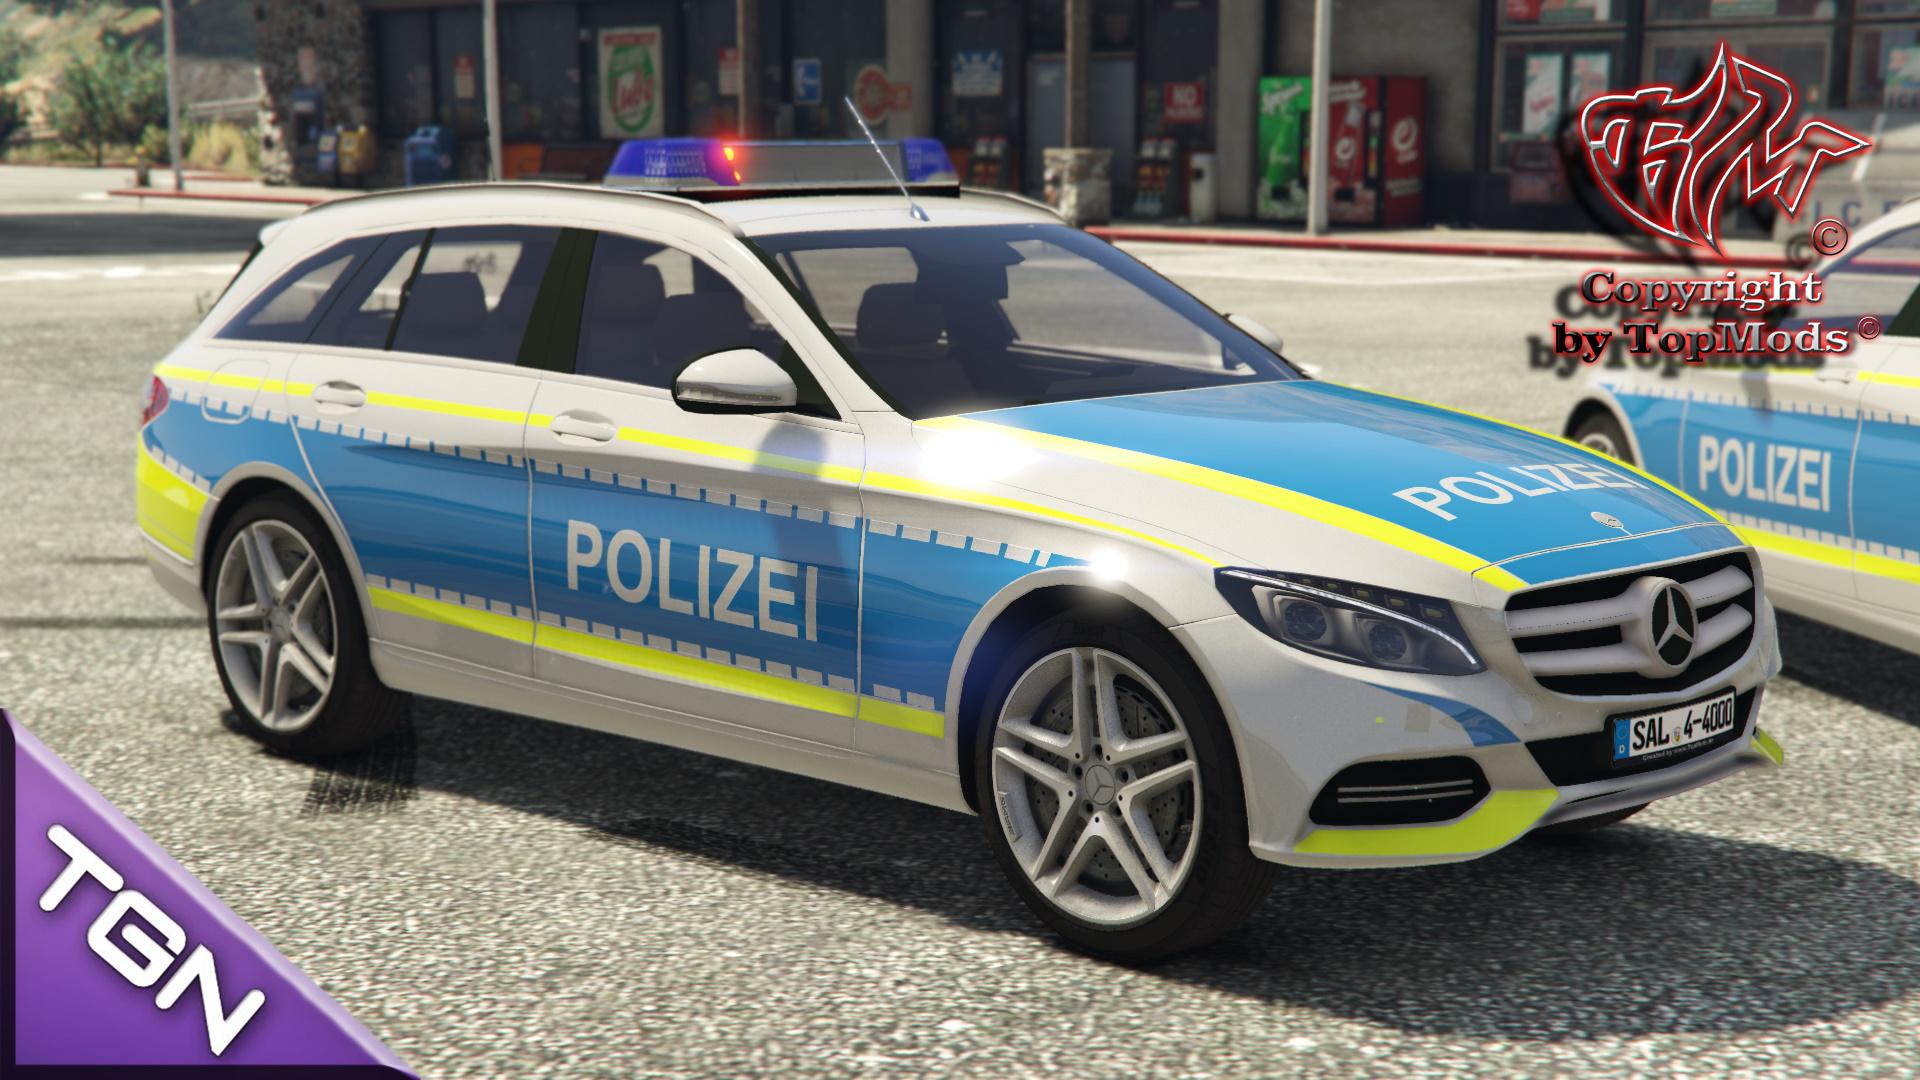 Mercedes Benz C250 Polizei Saarland GTA5 Mods